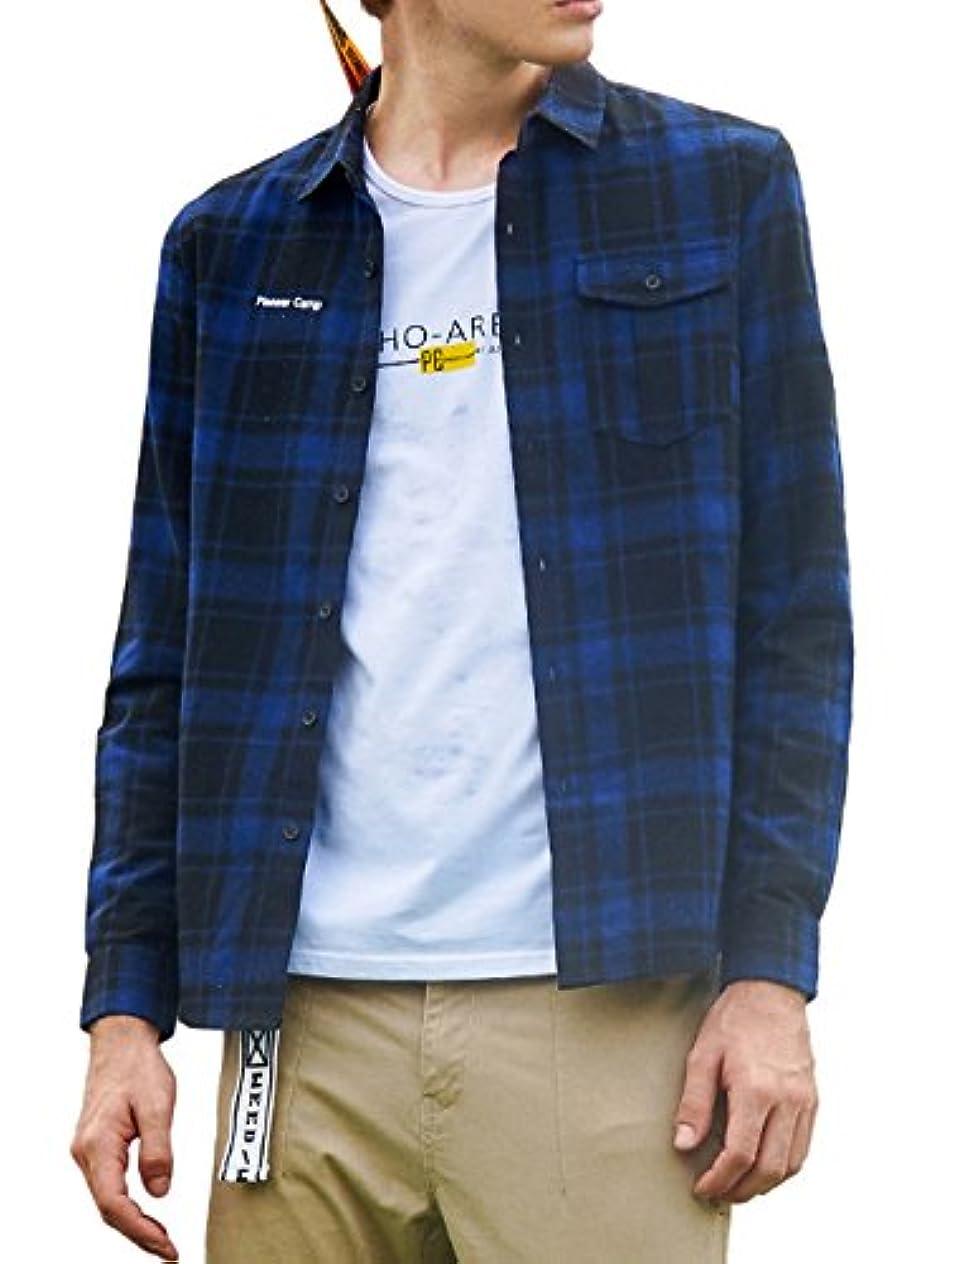 責ロケットつまずくパイオニア キャンプ(Pioneer Camp) メンズ  チェックシャツ ボタンダウンシャツ カジュアルシャツ コットン 長袖 ネルシャツ アメカジ カジュアルシャツ